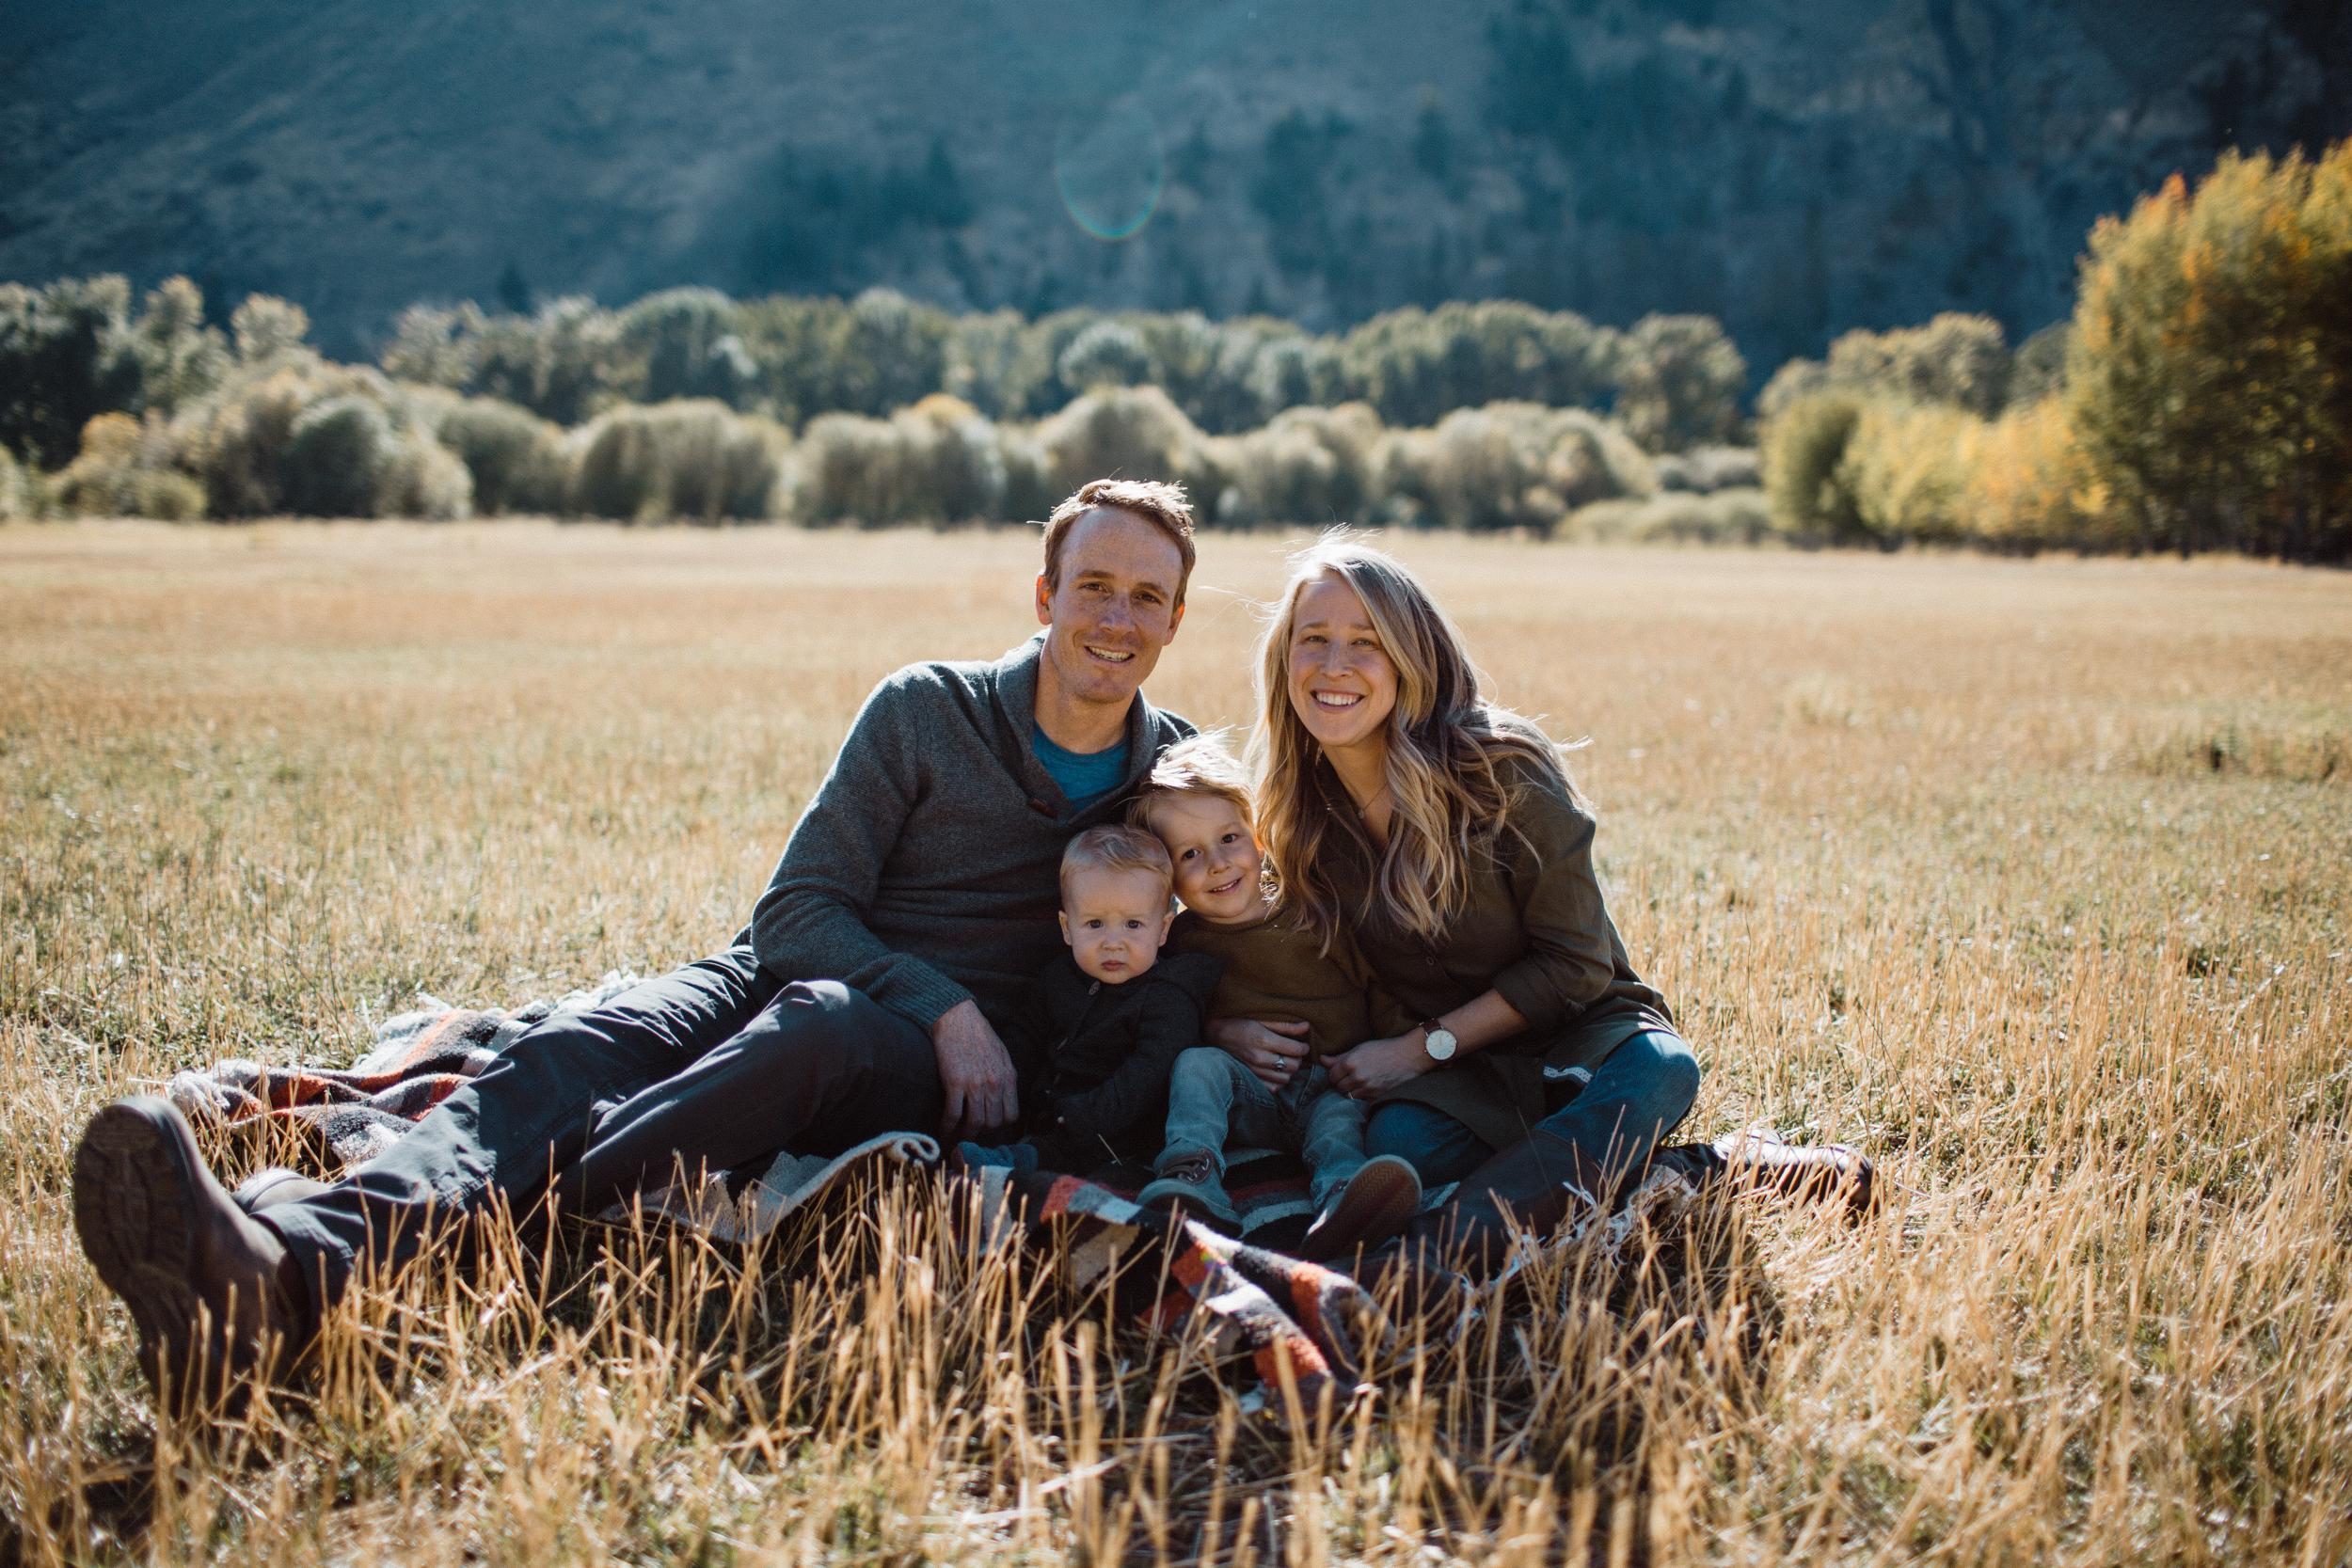 walkerfamily-Sunvalleyfallfamilyphotos-17.jpg